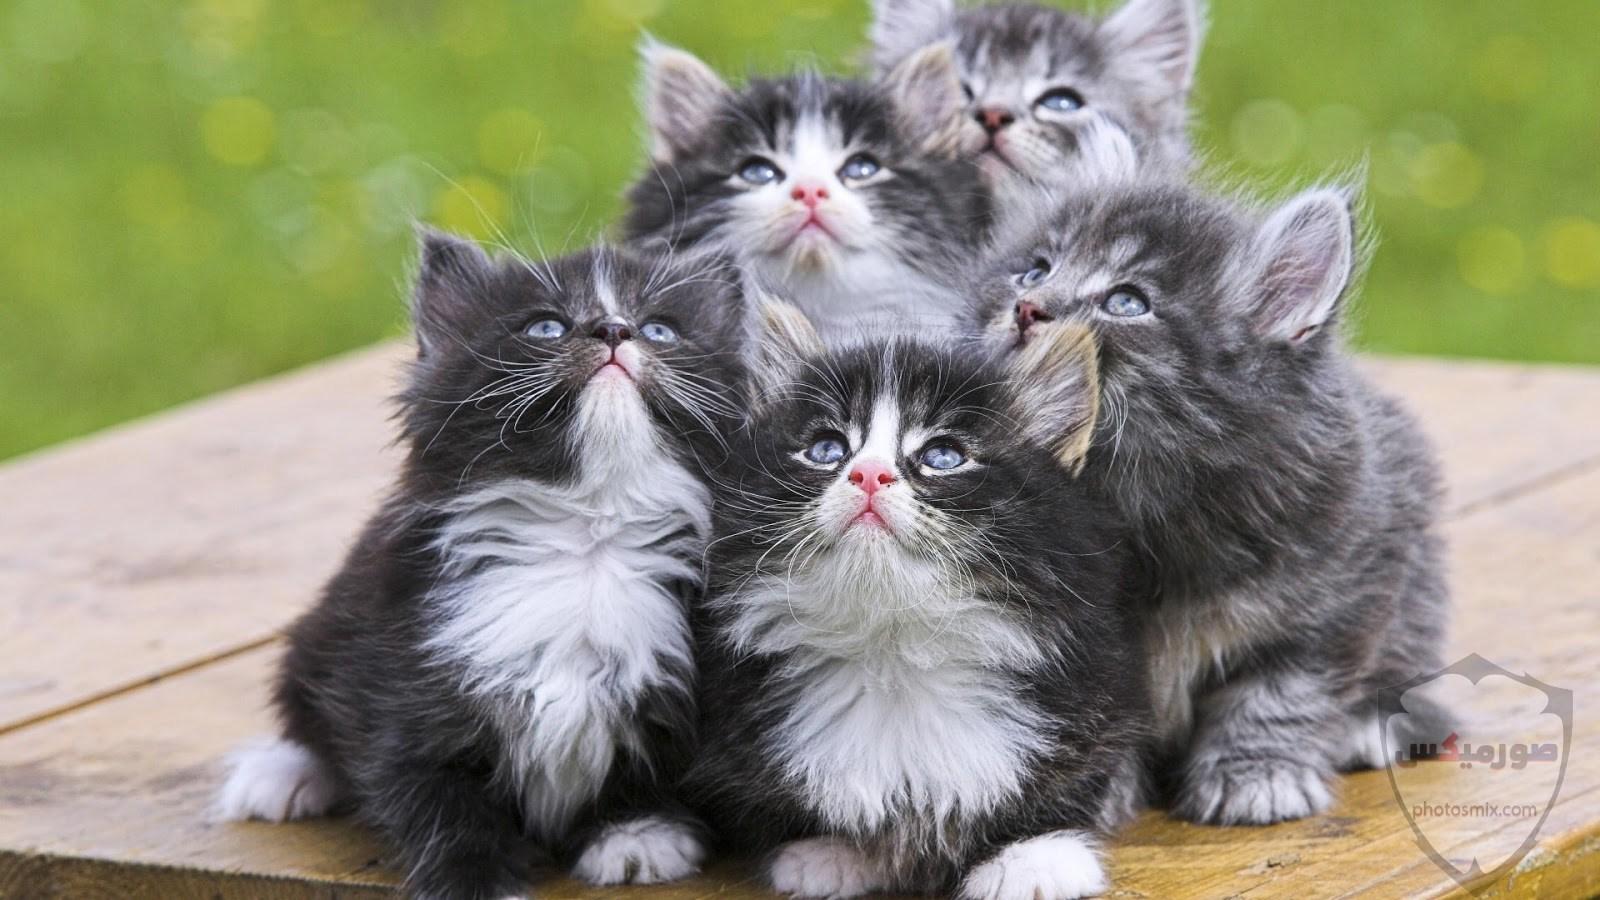 صور خلفيات رمزيات قطط كيوت صورة قطة كيوت جدا 25